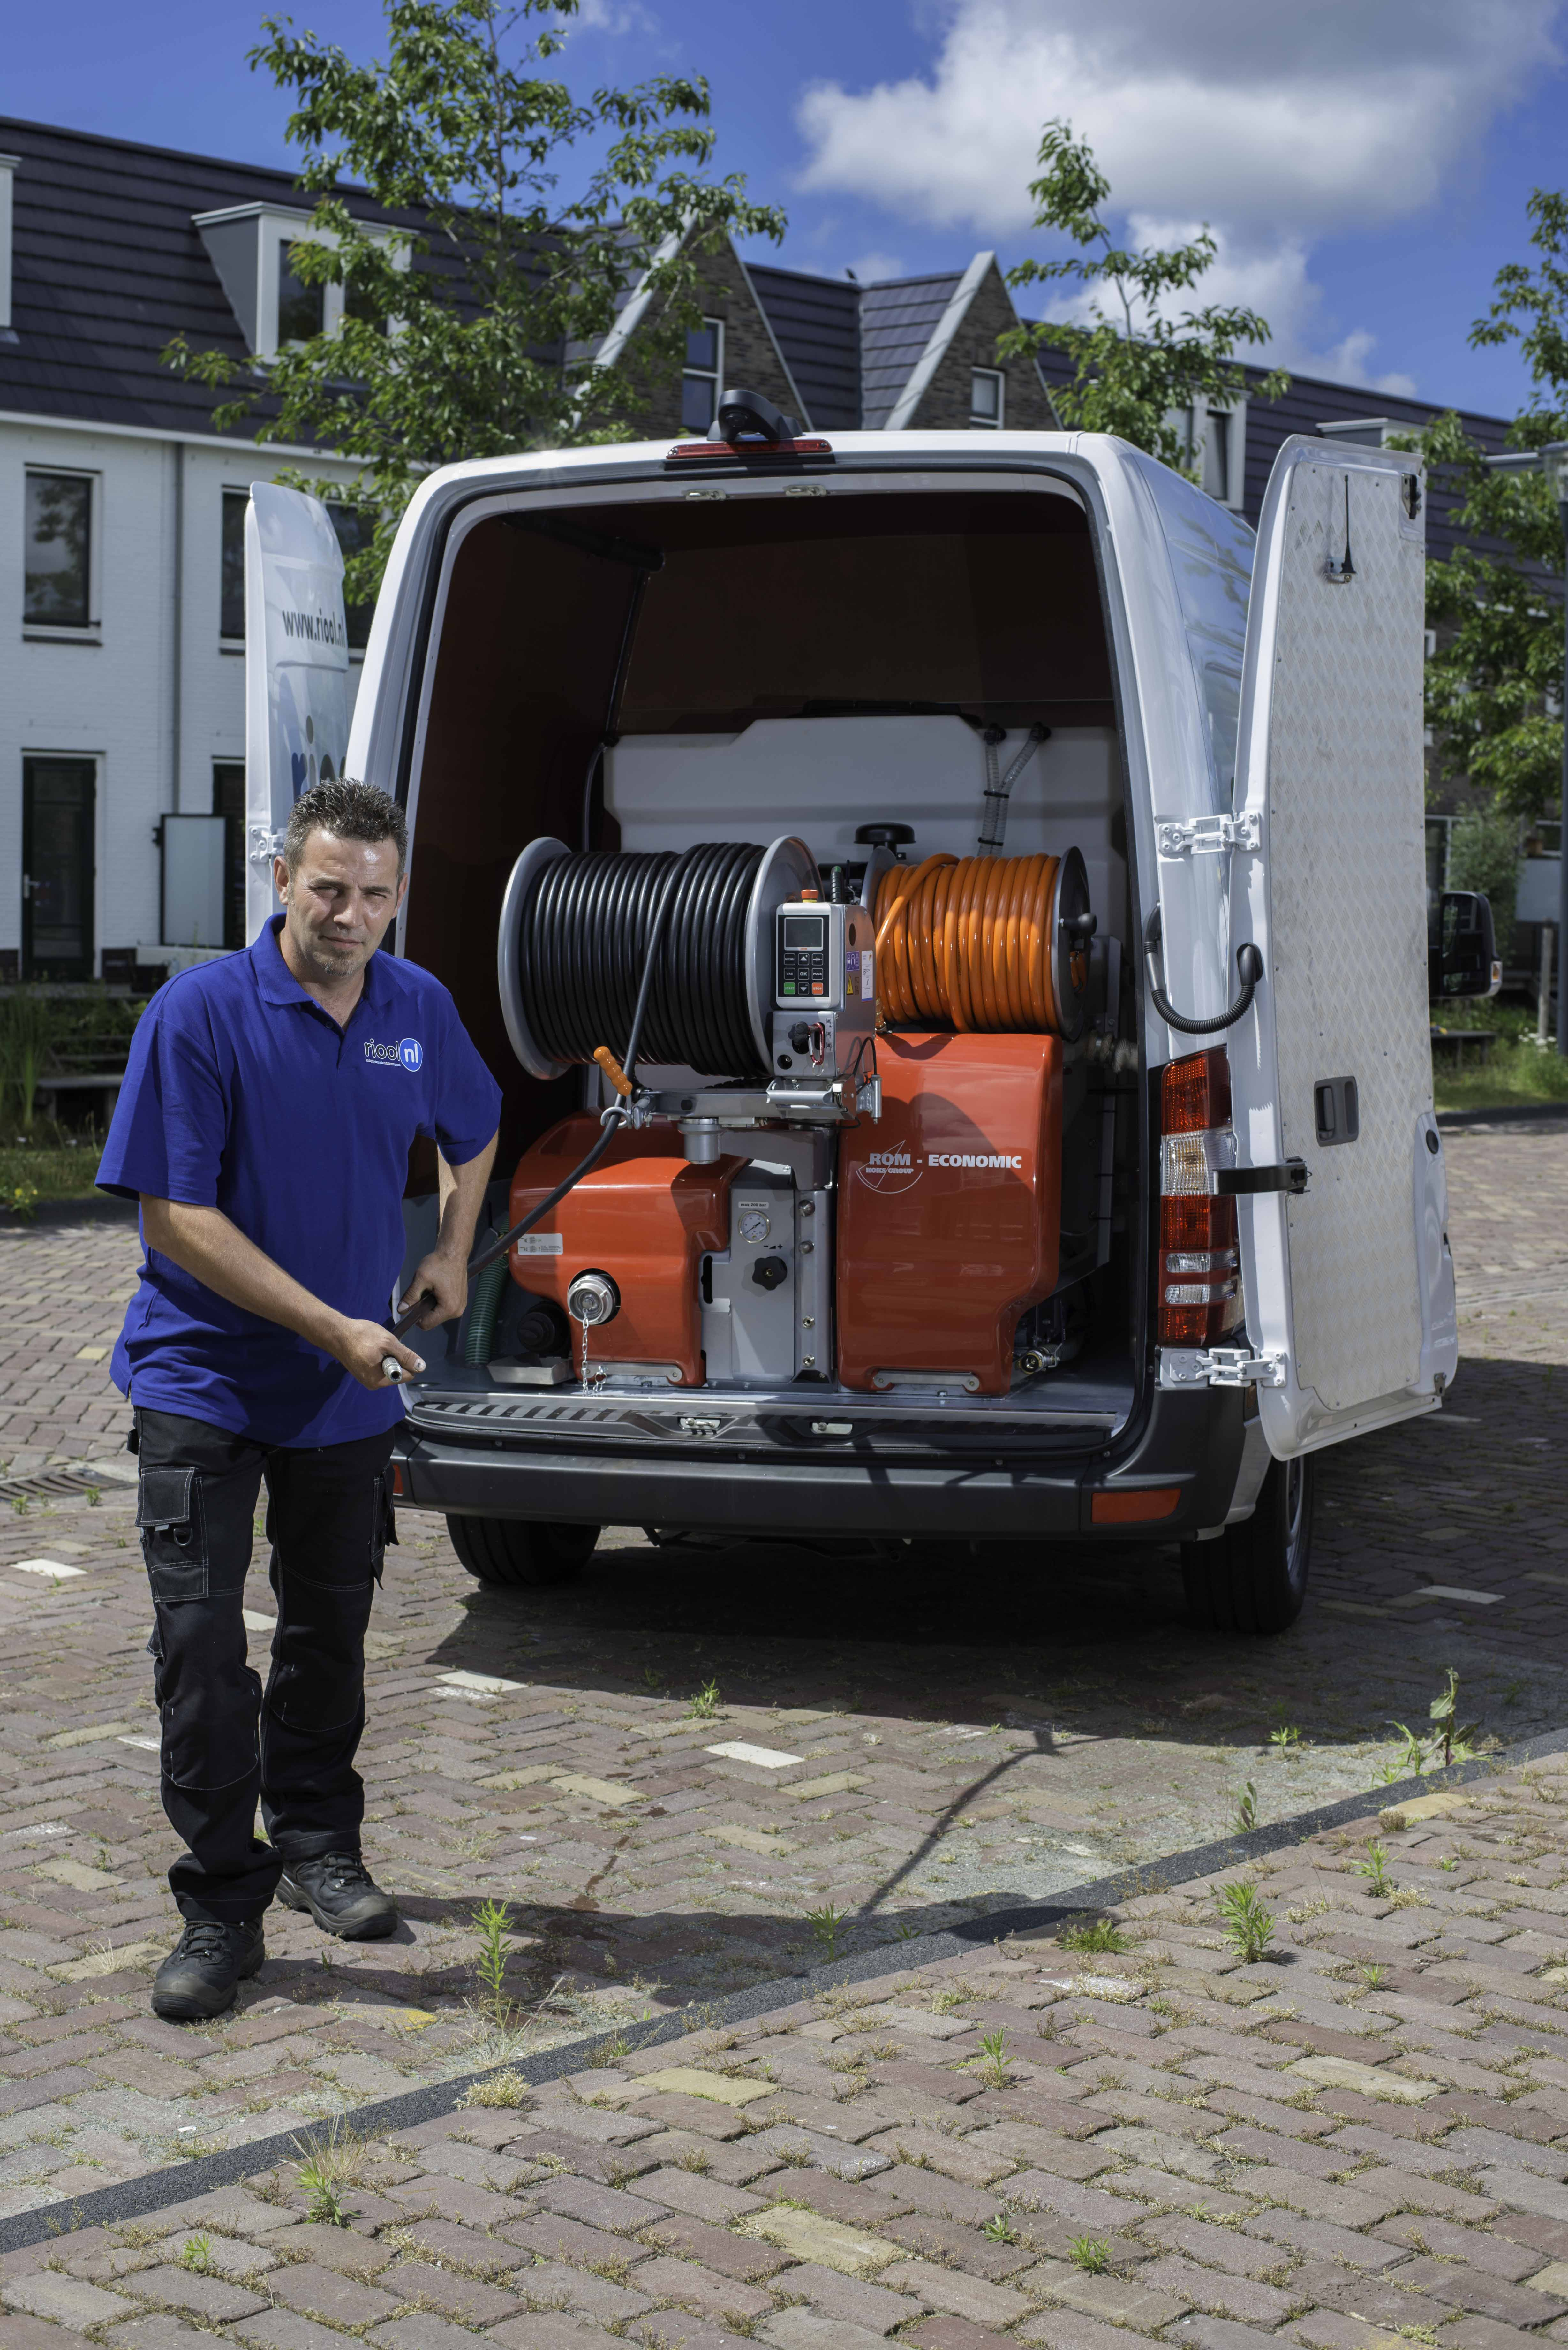 Bad afvoer ontstoppen. Geen probleem bel GRATIS 0800-8881000 Riool.nl